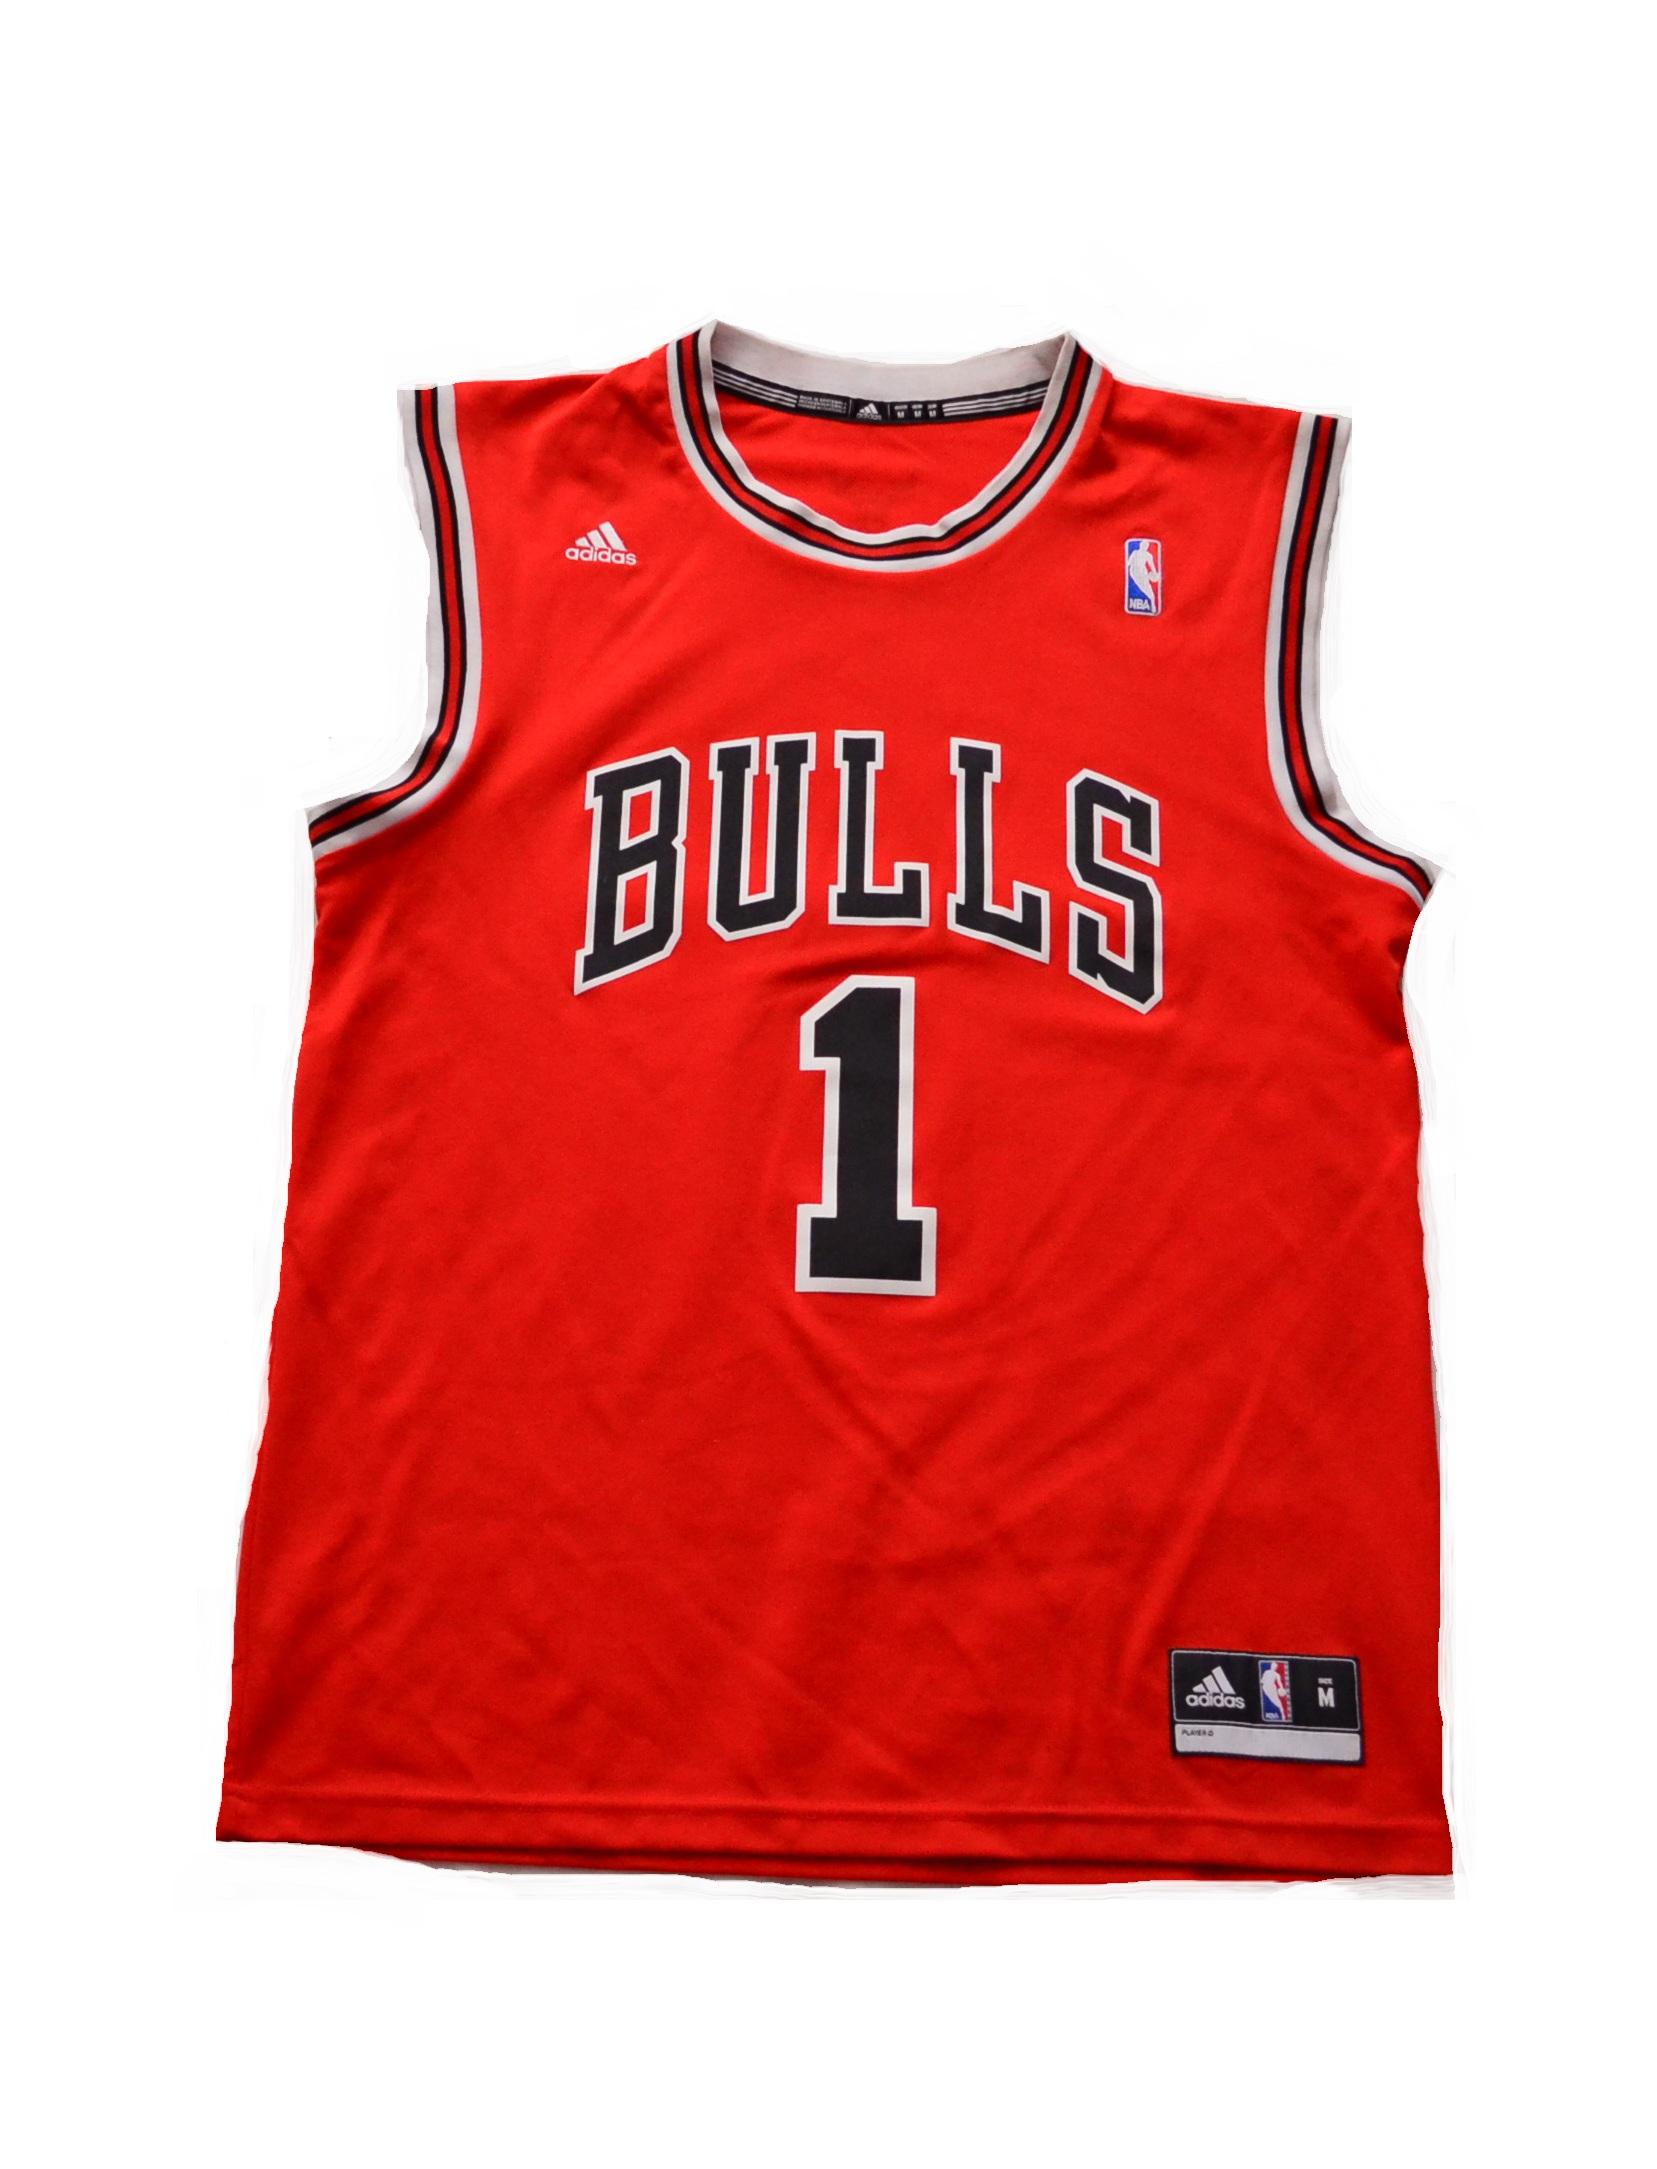 najnowszy duża obniżka gładki ADIDAS NBA koszulka meczowa ROSE --BULLS---- M